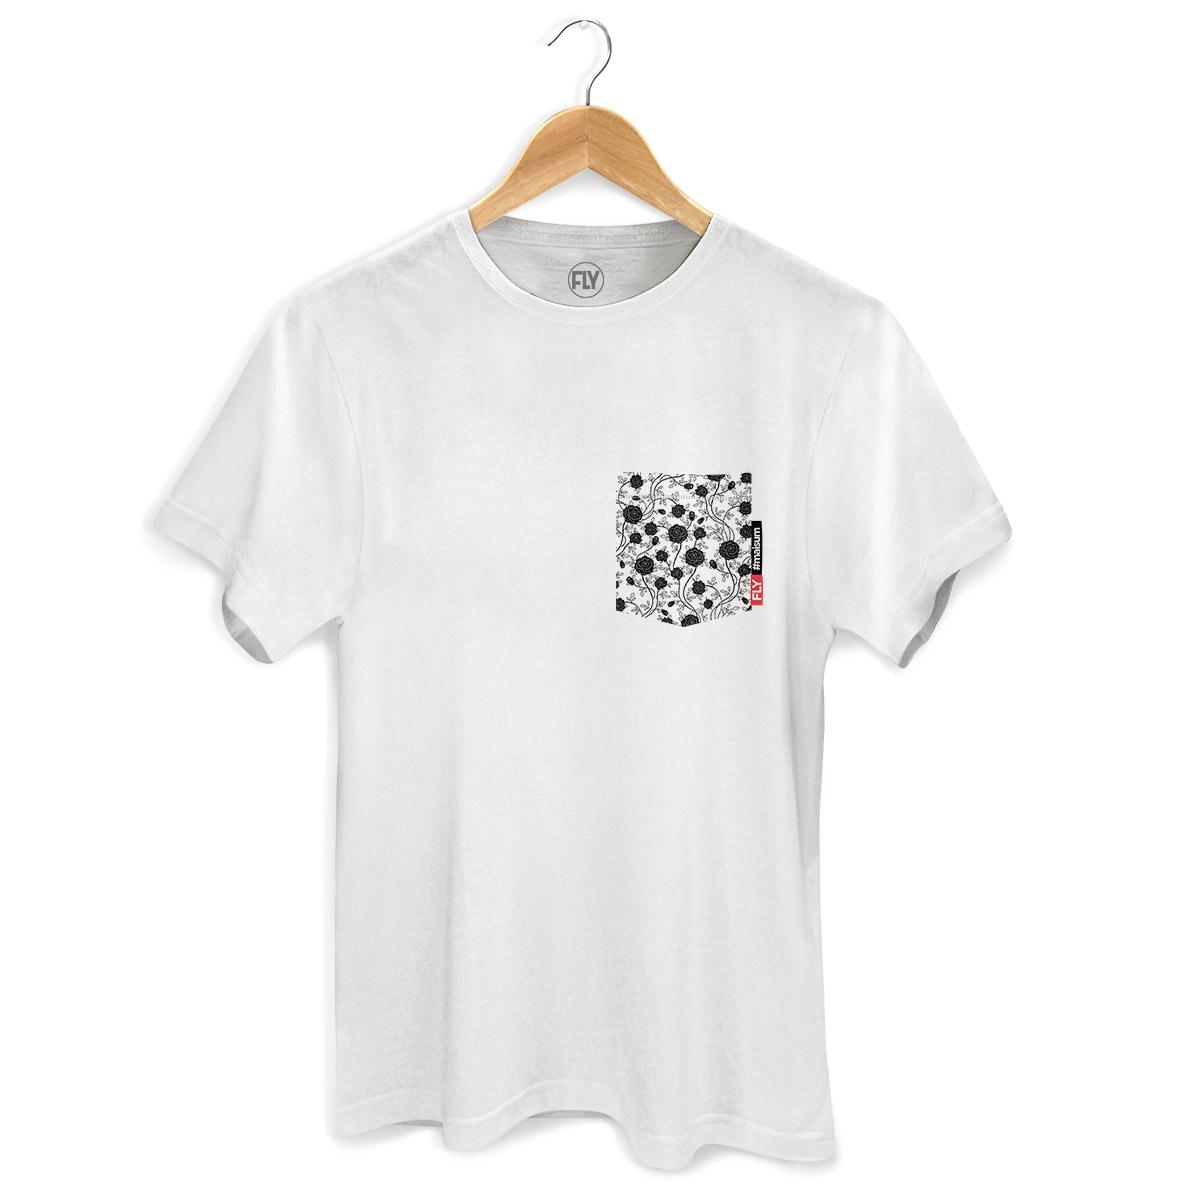 Camiseta Masculina Banda Fly Pocket